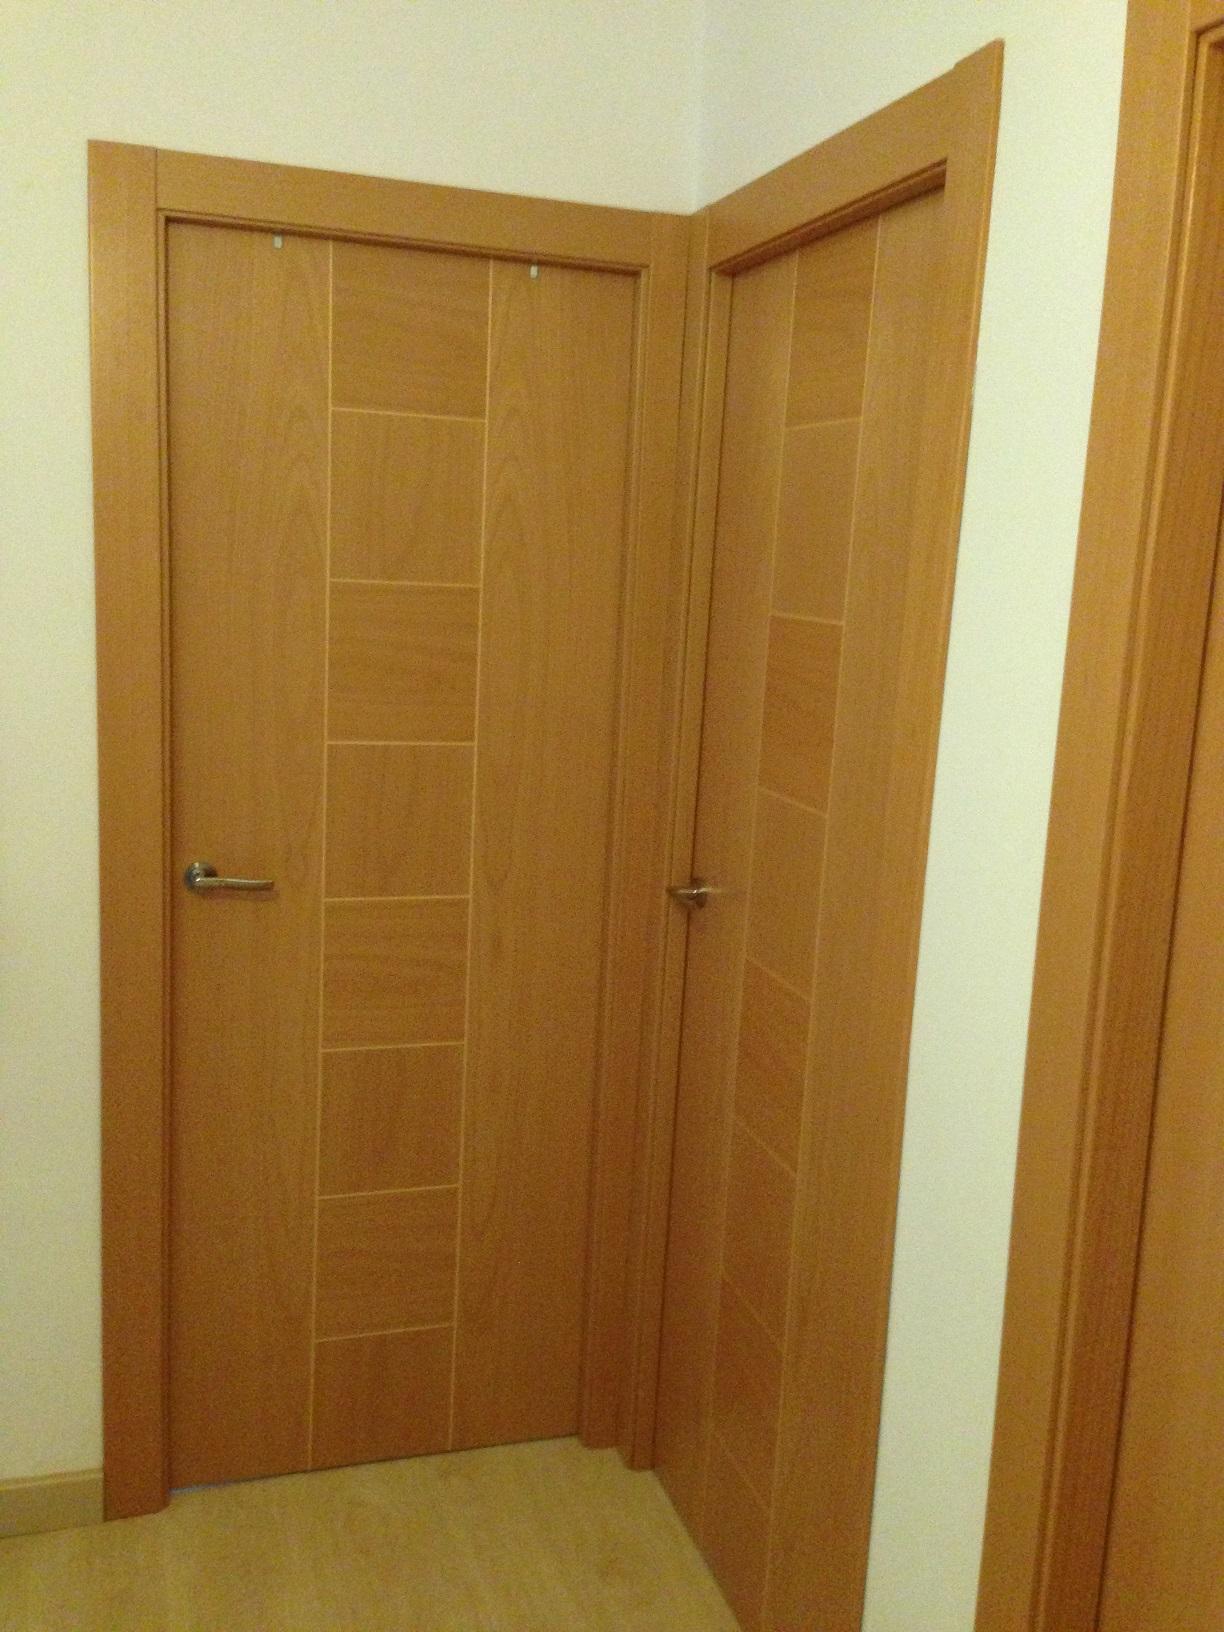 Trabajos realizados puertas de paso interior de madera - Puertas de roble modernas ...